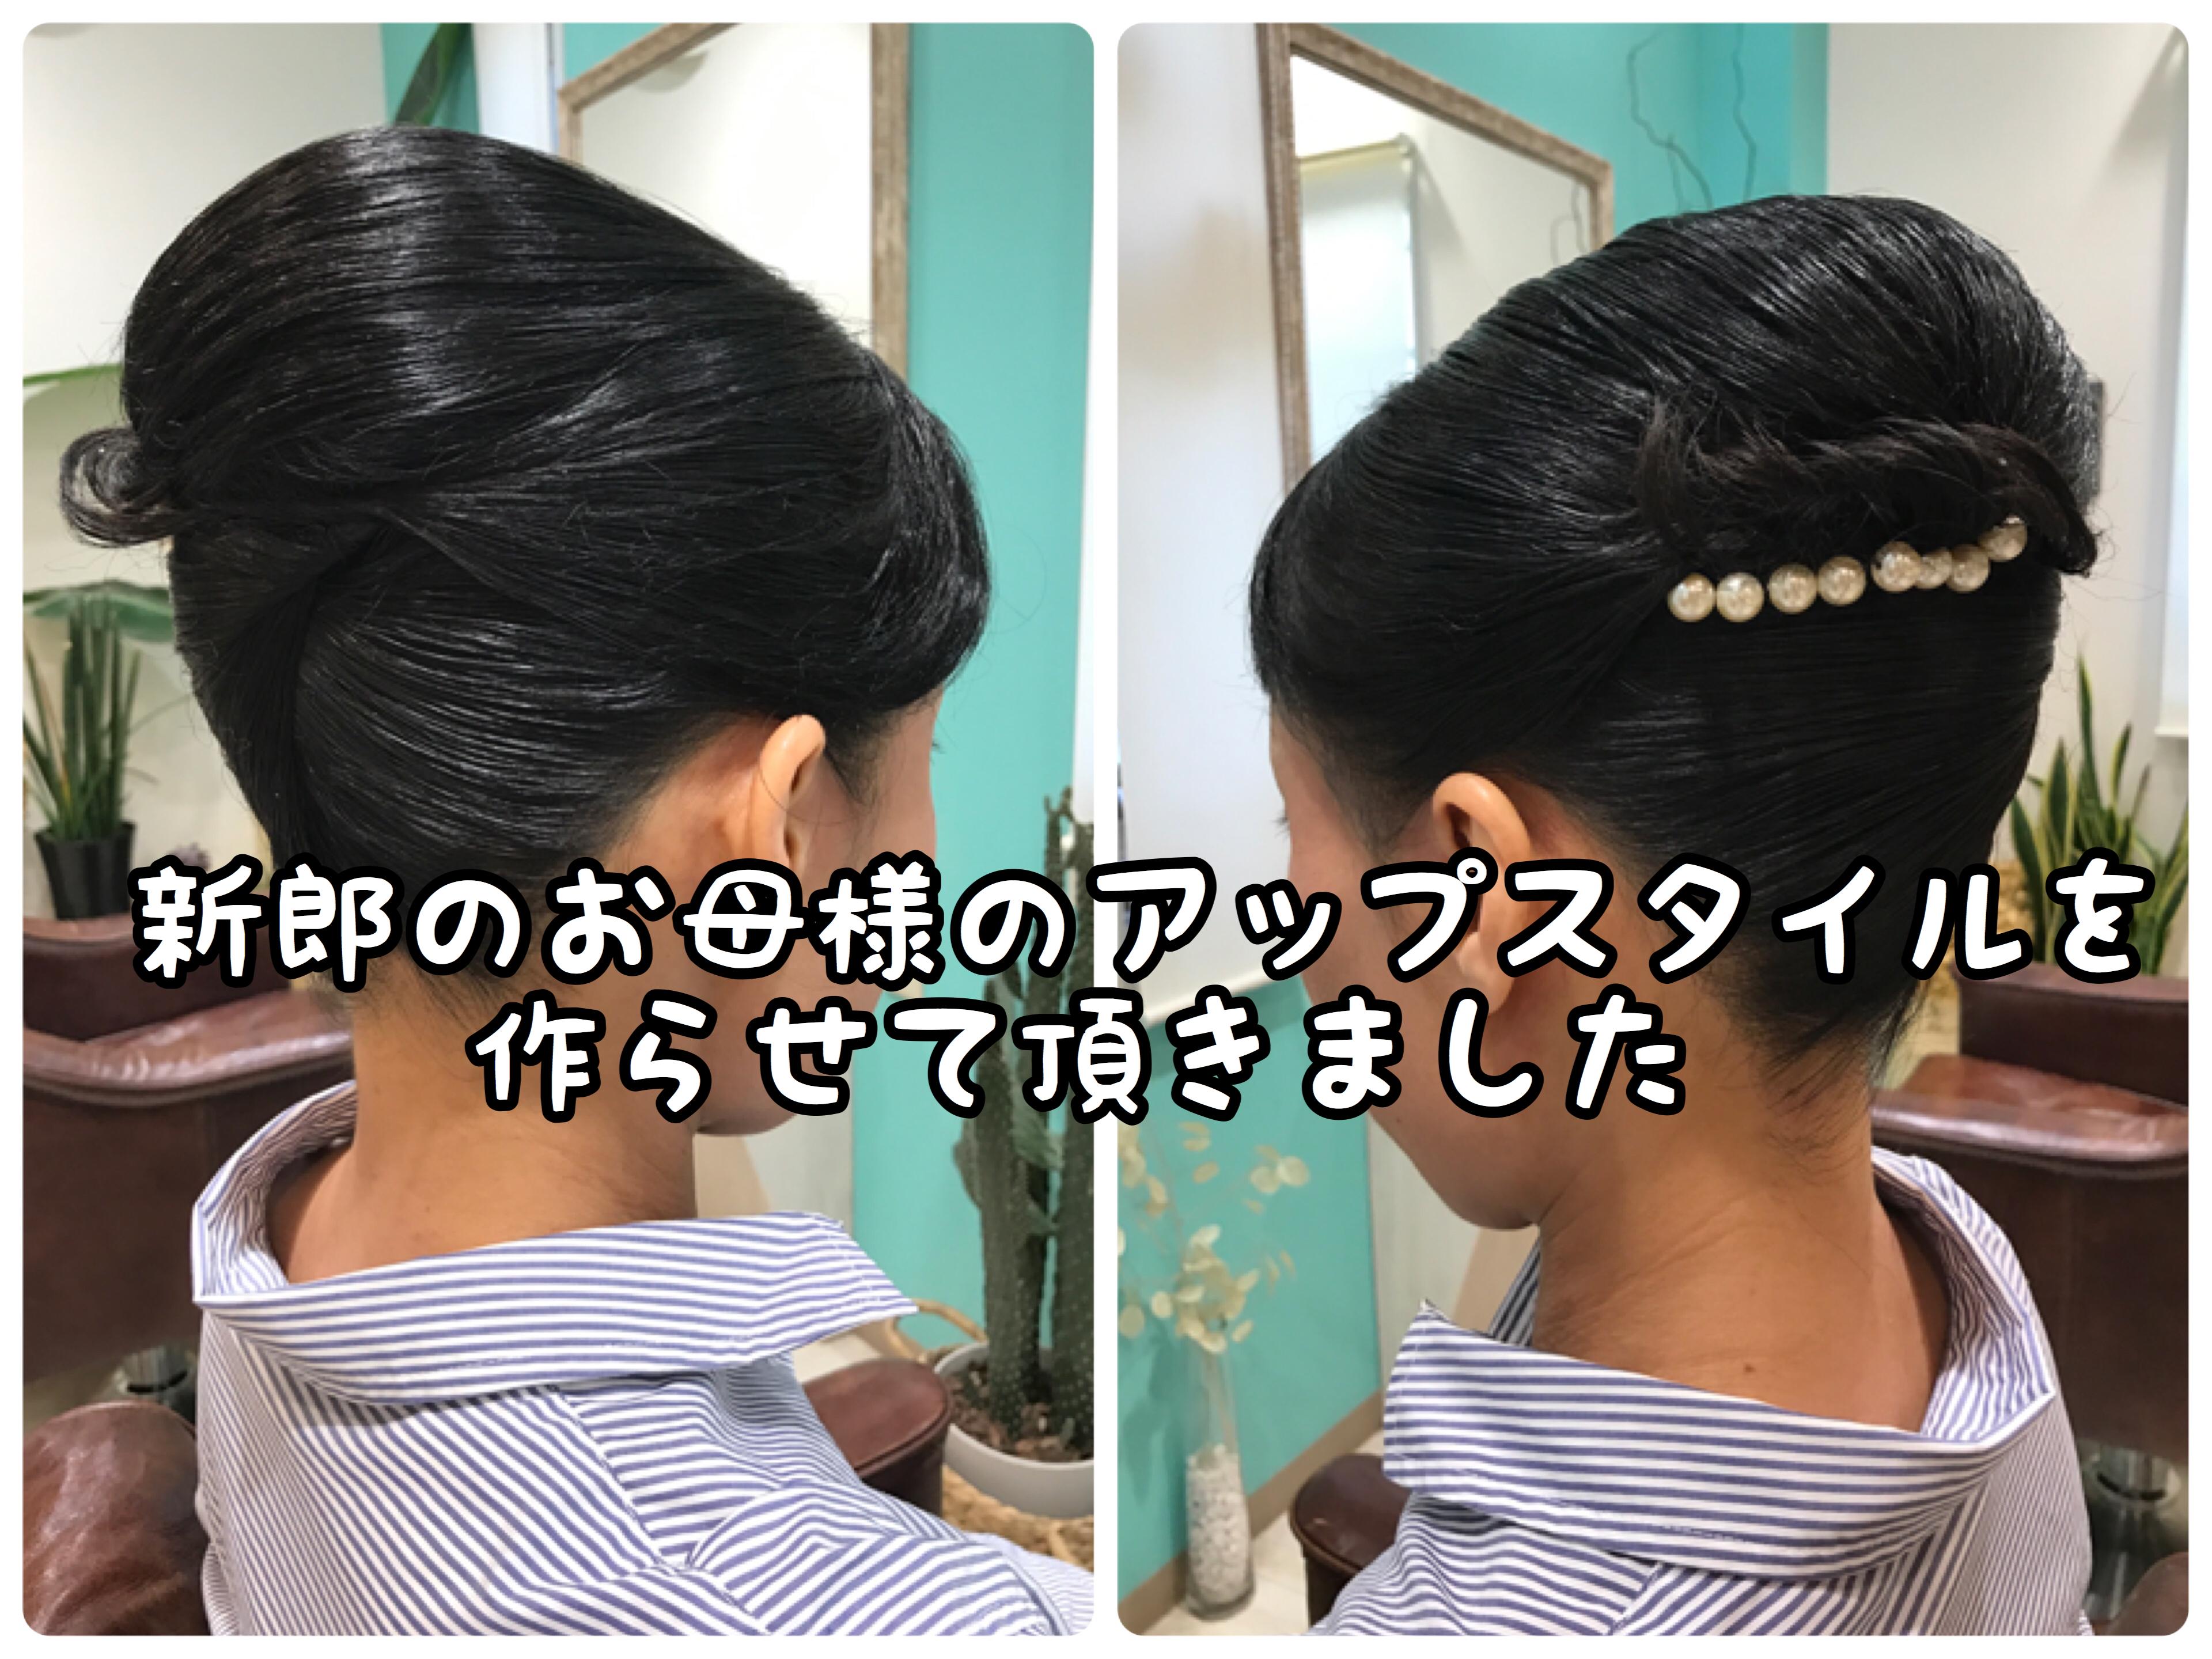 【アップスタイル】早朝より新郎のお母様をヘアセットさせて頂きました